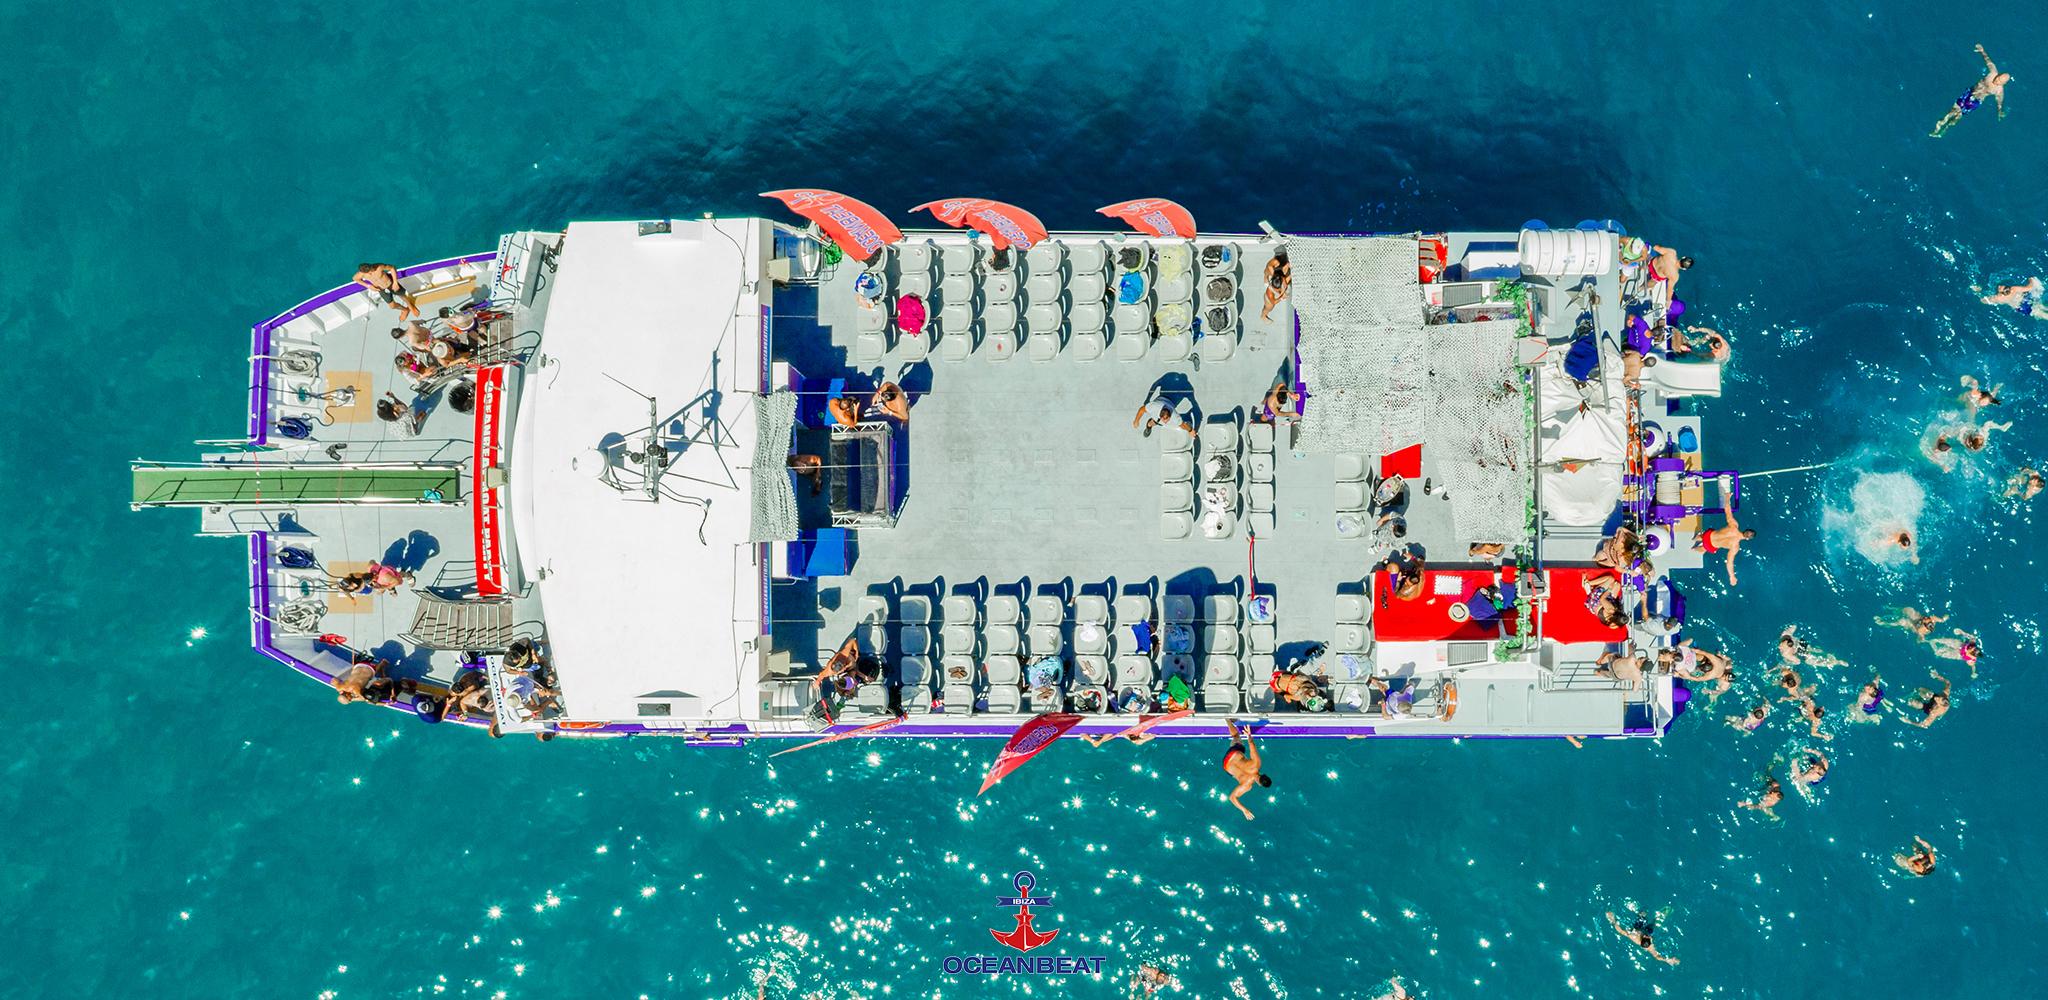 Oceanbeat Ibiza 3 8 Logo 036